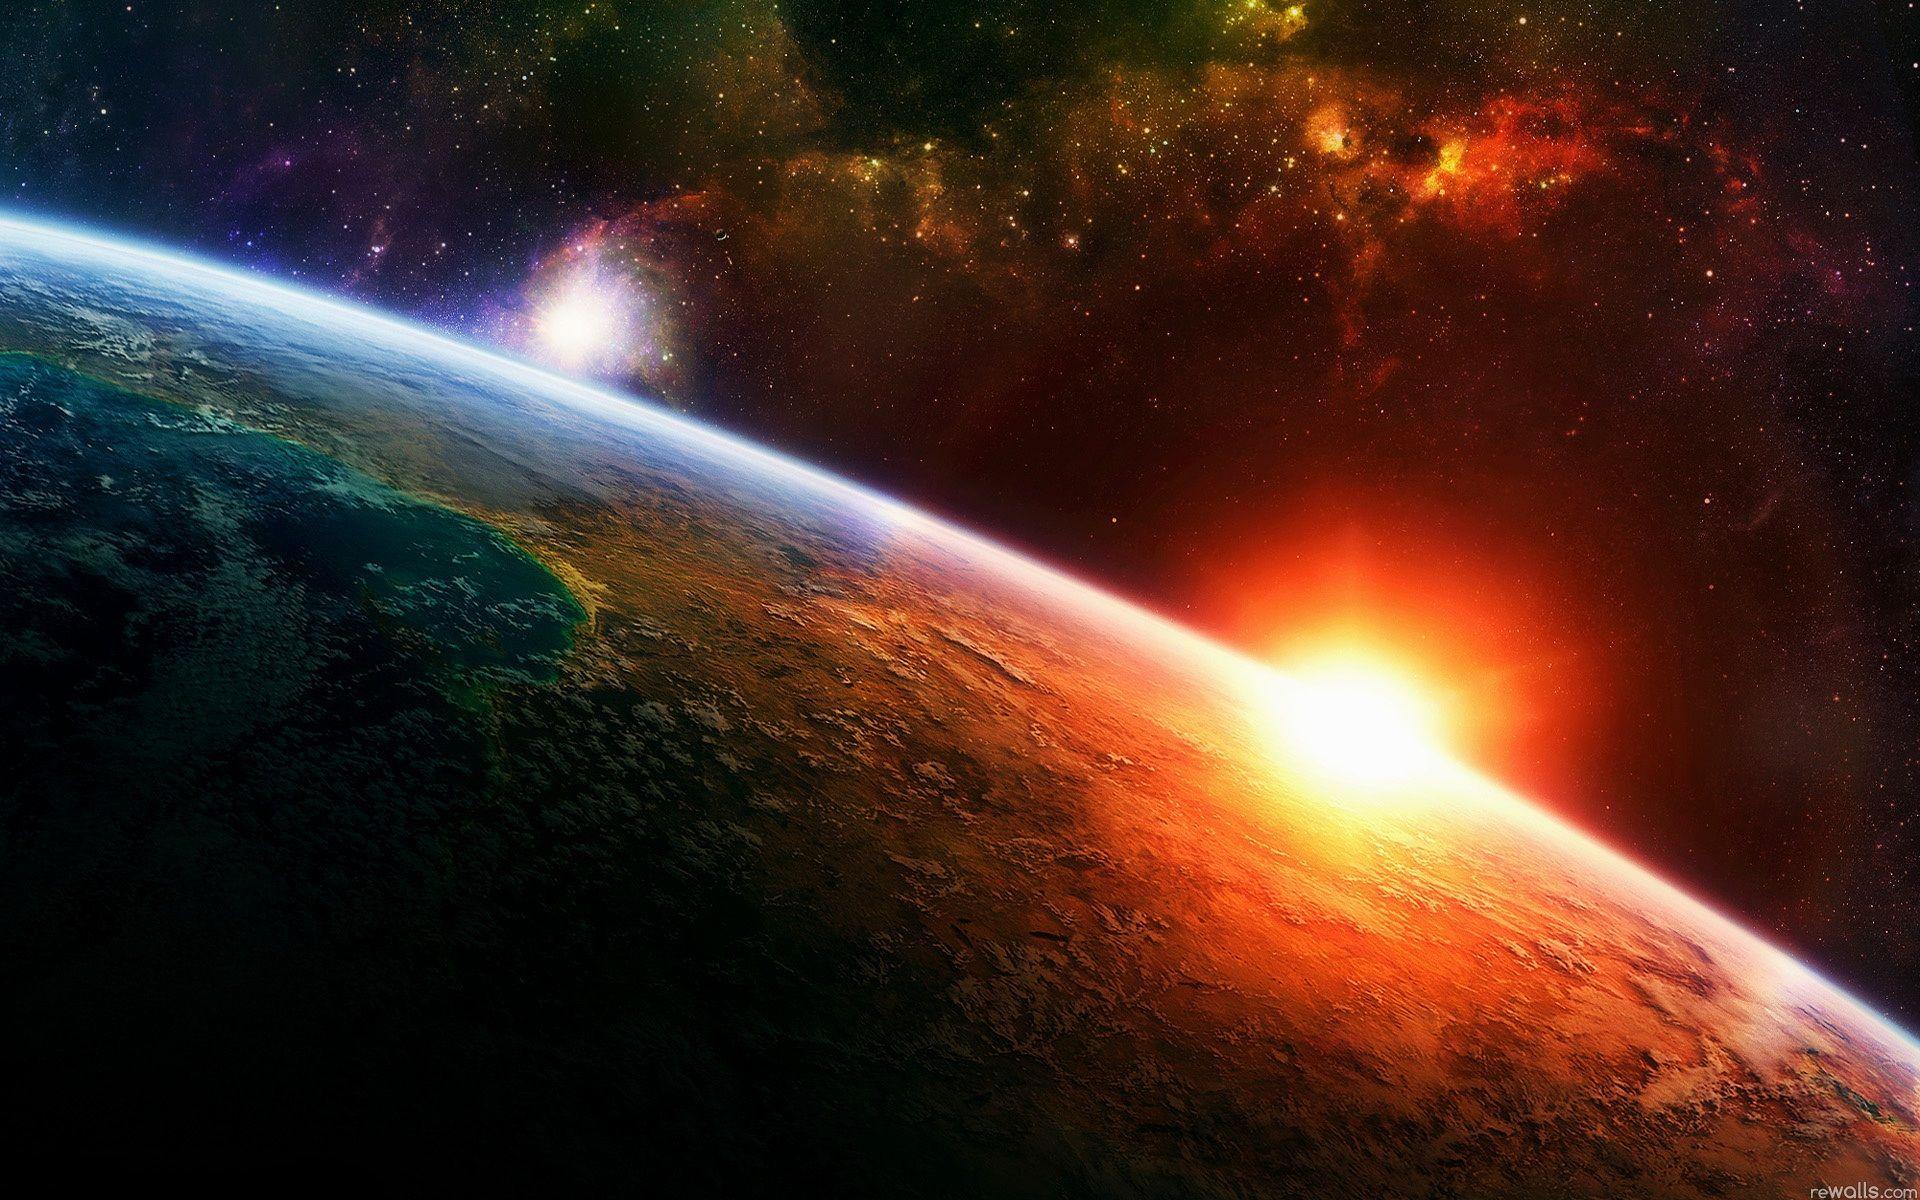 宇宙の日の出地球 壁紙 19x10 壁紙ダウンロード 日の出 イラスト プラネットアース 宇宙 壁紙